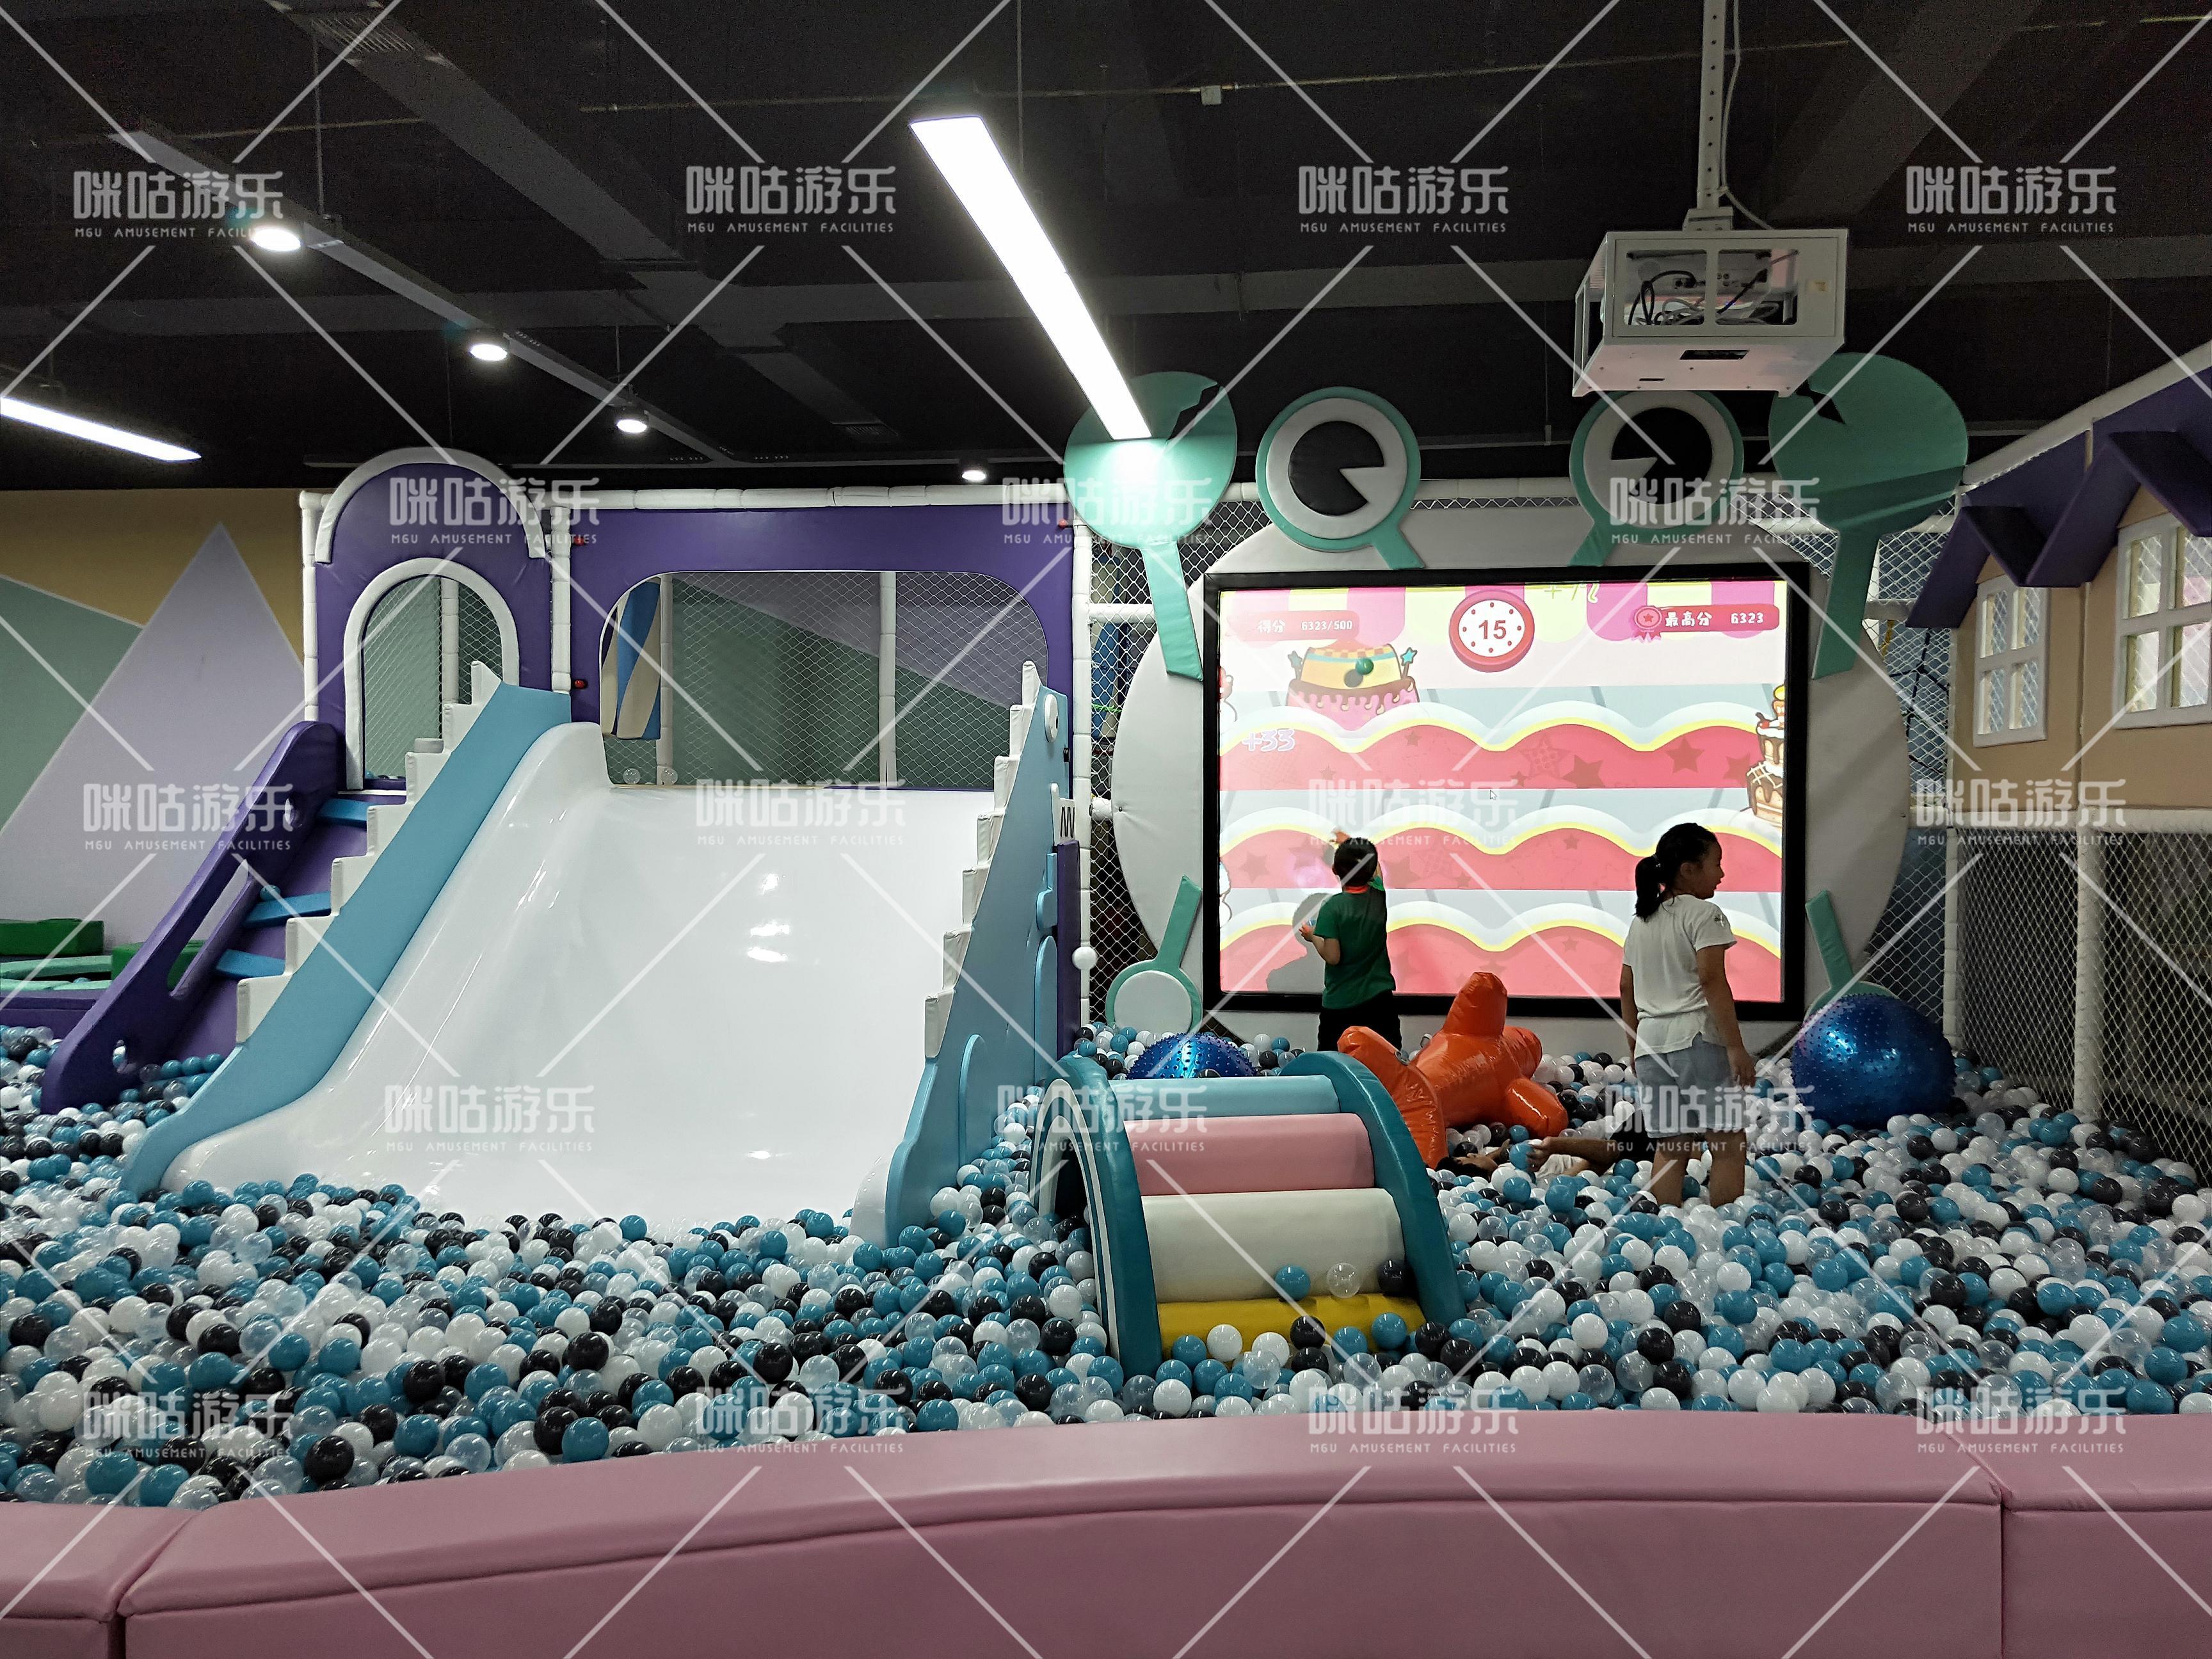 微信图片_20200429155852.jpg 大同儿童乐园厂家 加盟资讯 游乐设备第2张